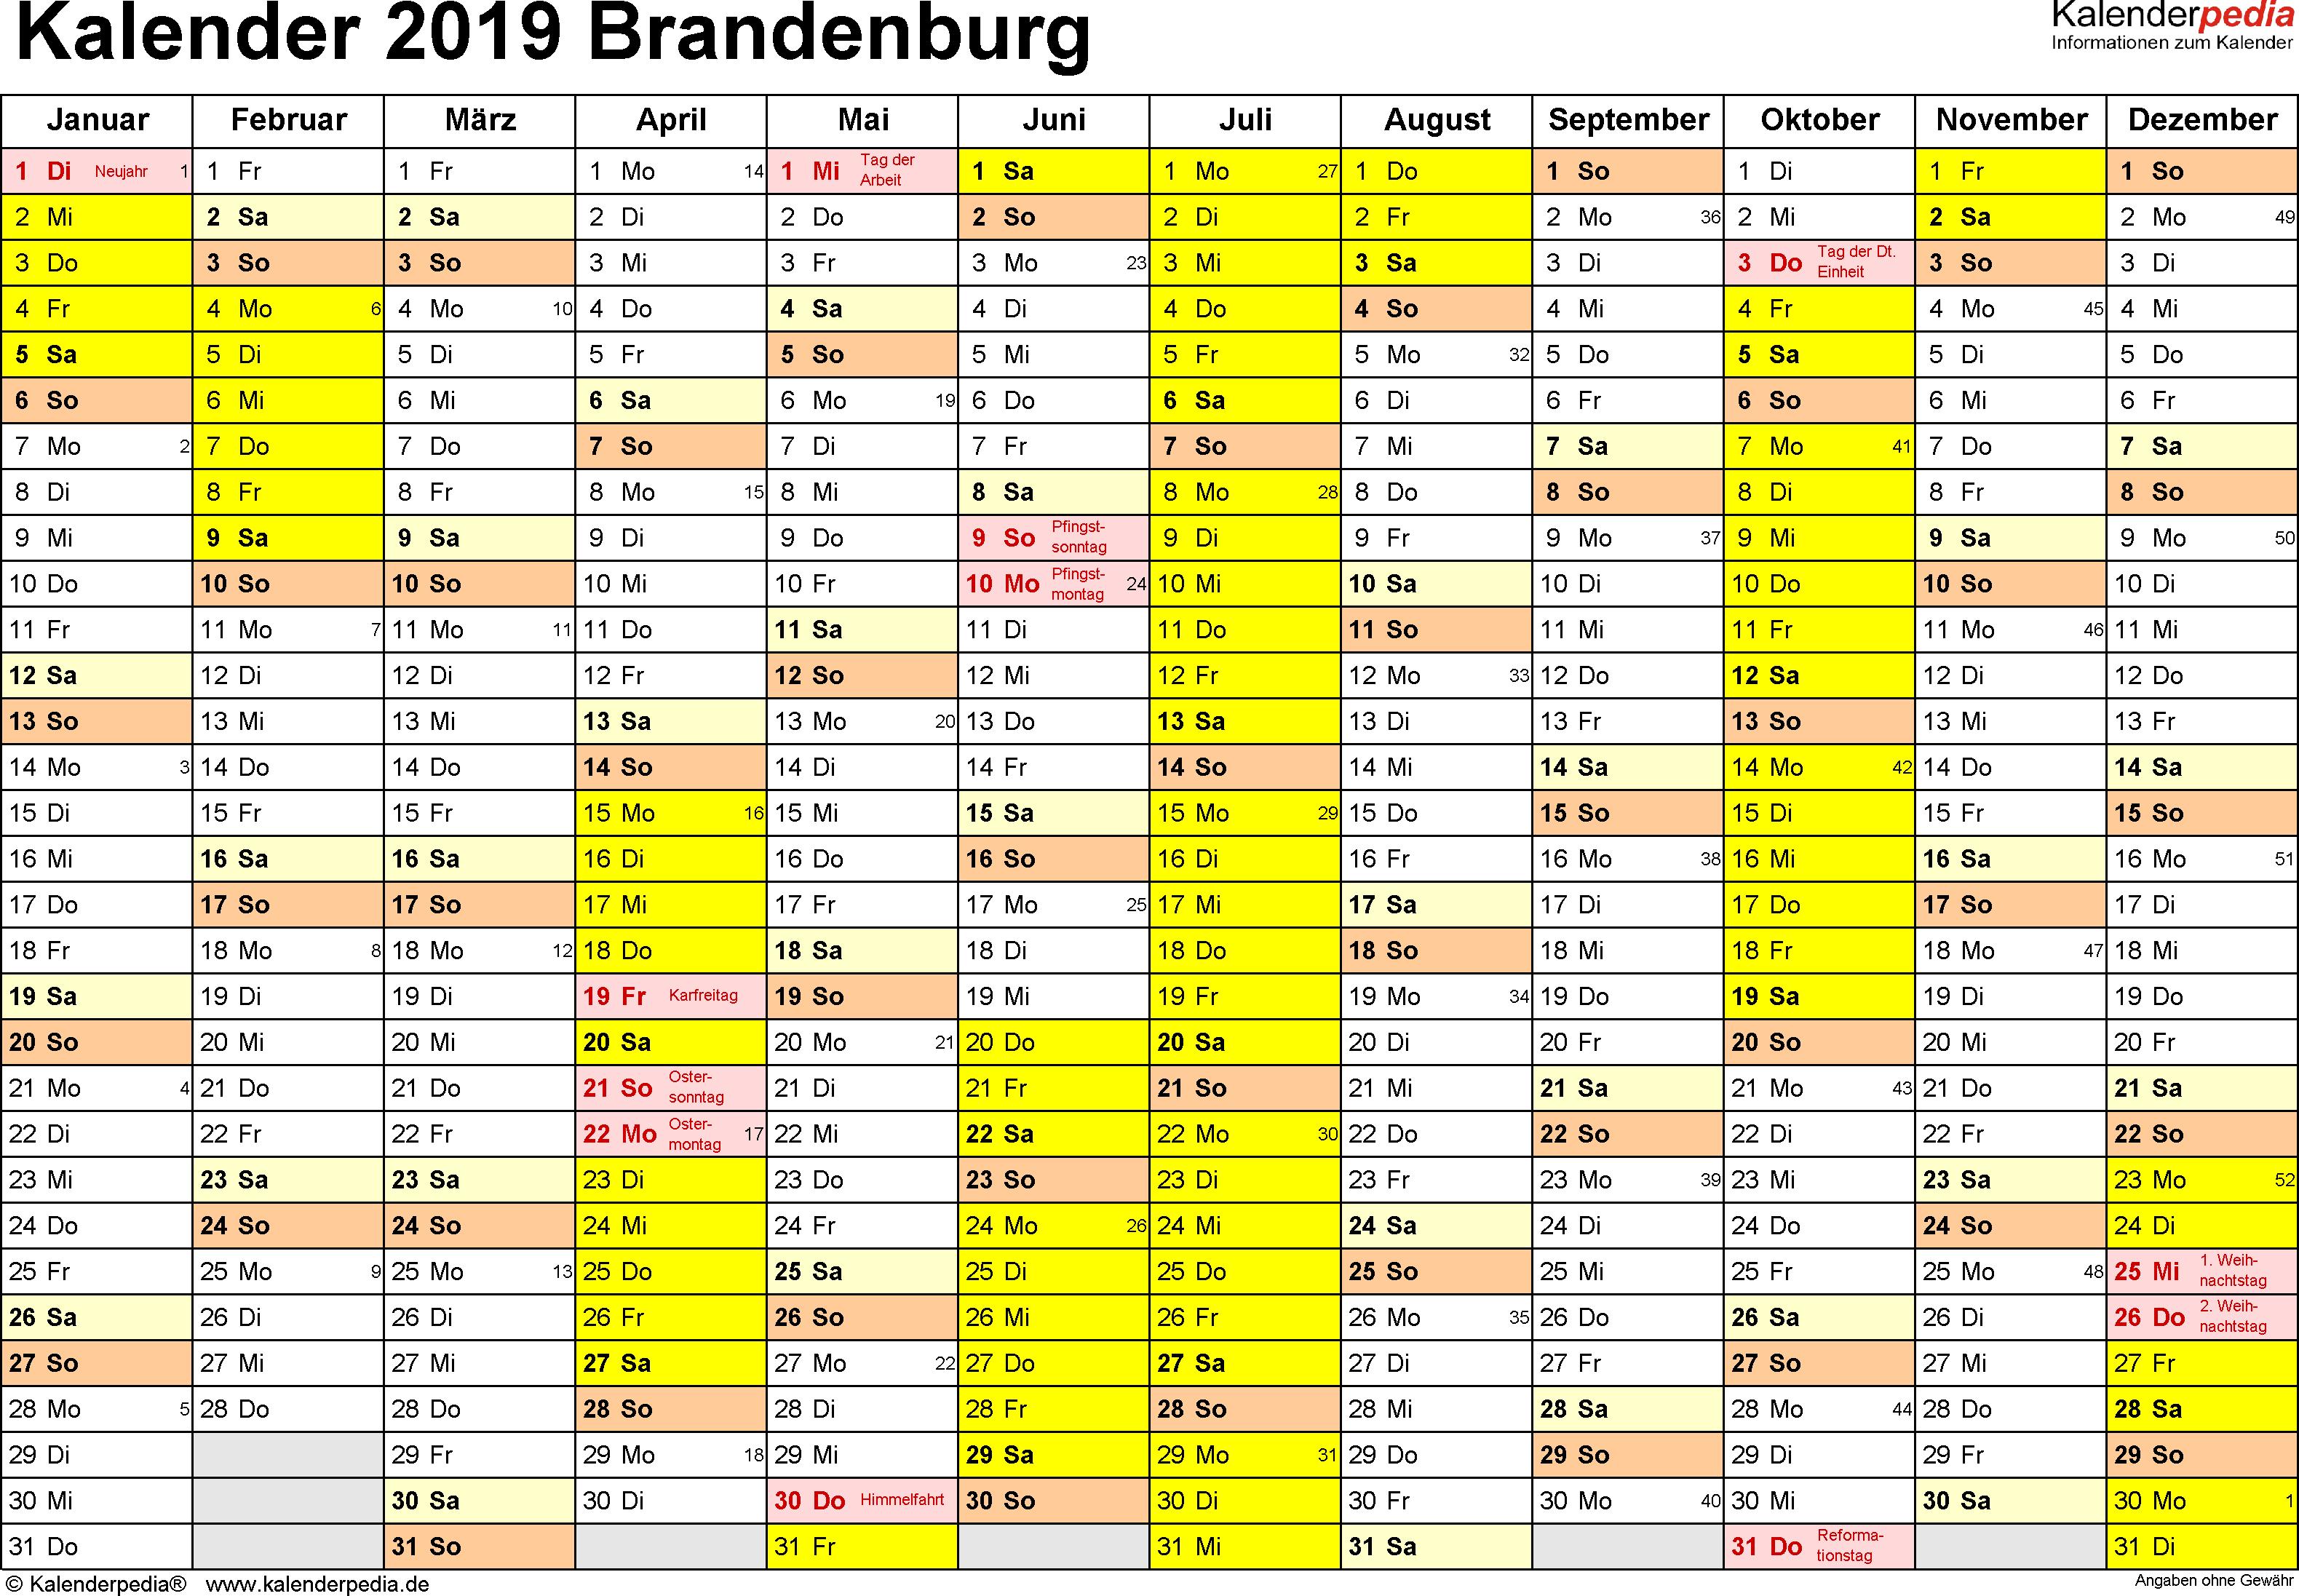 Vorlage 1: Kalender 2019 für Brandenburg als Excel-Vorlagen (Querformat, 1 Seite)